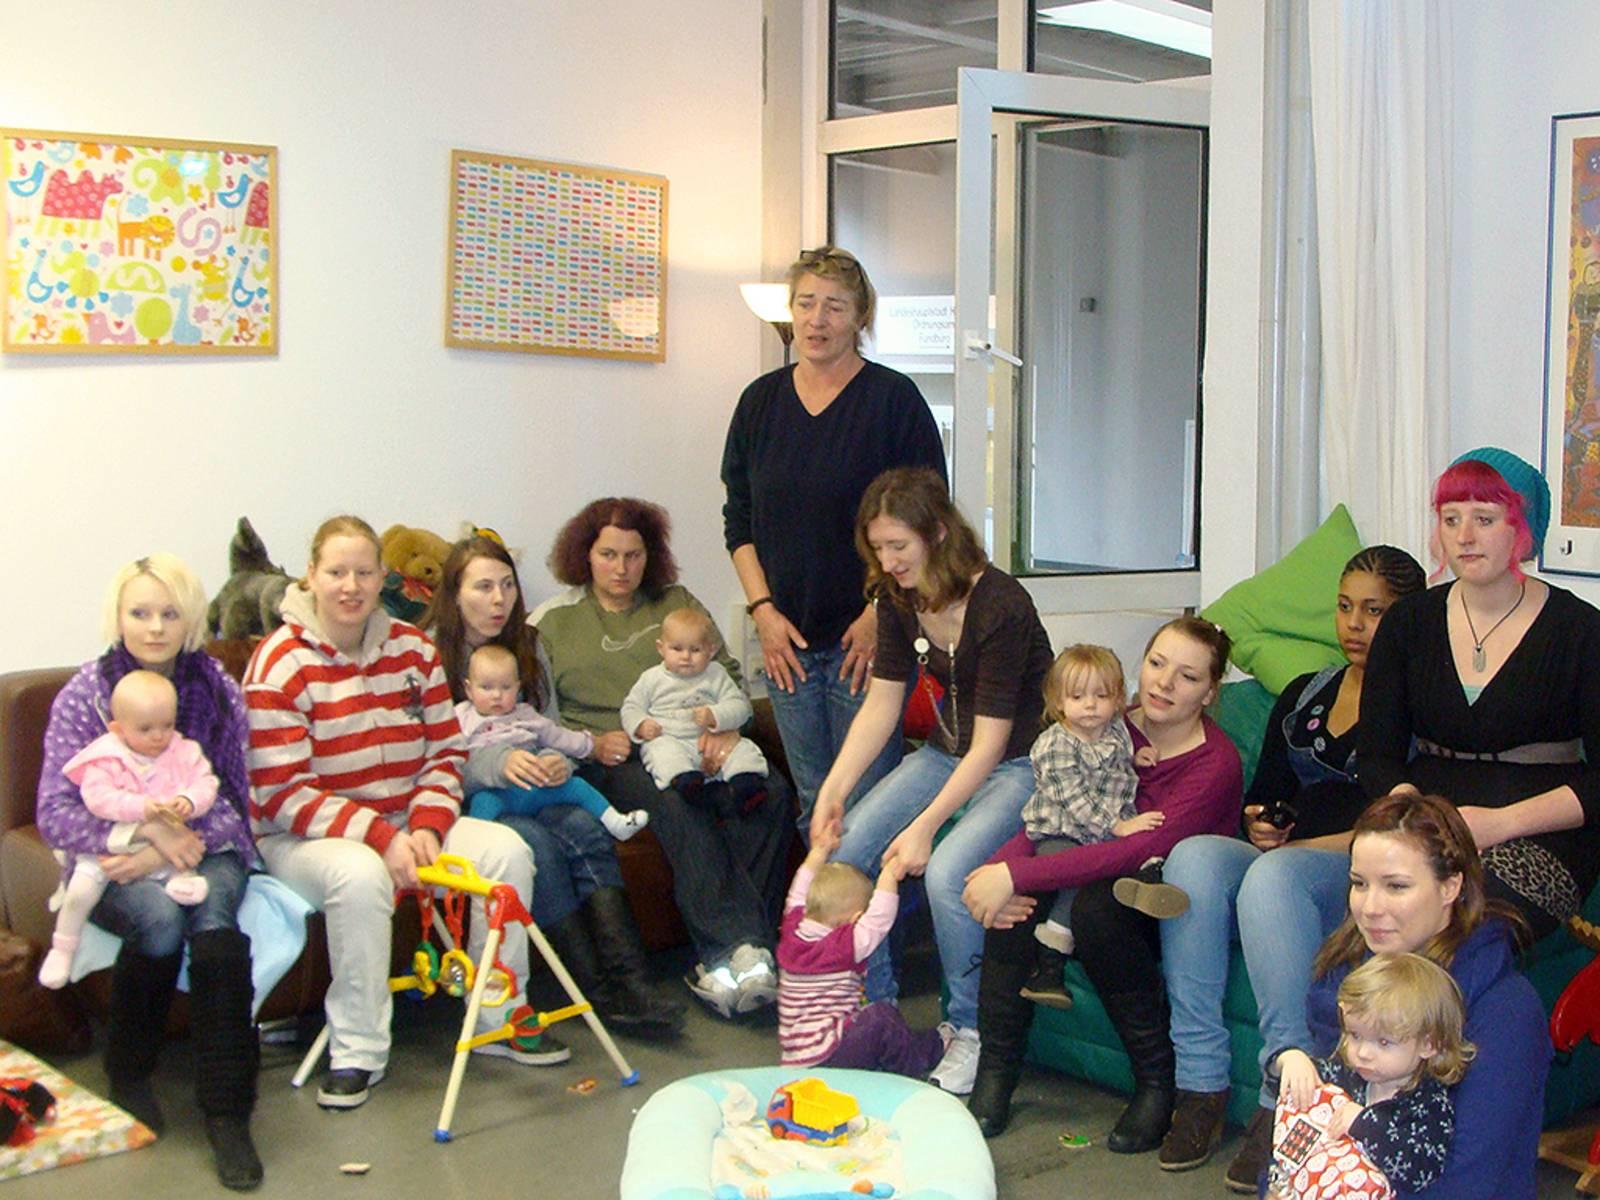 Mehrere junge Frauen sitzen mit ihren kleinen Kindern im Halbkreis zueinander